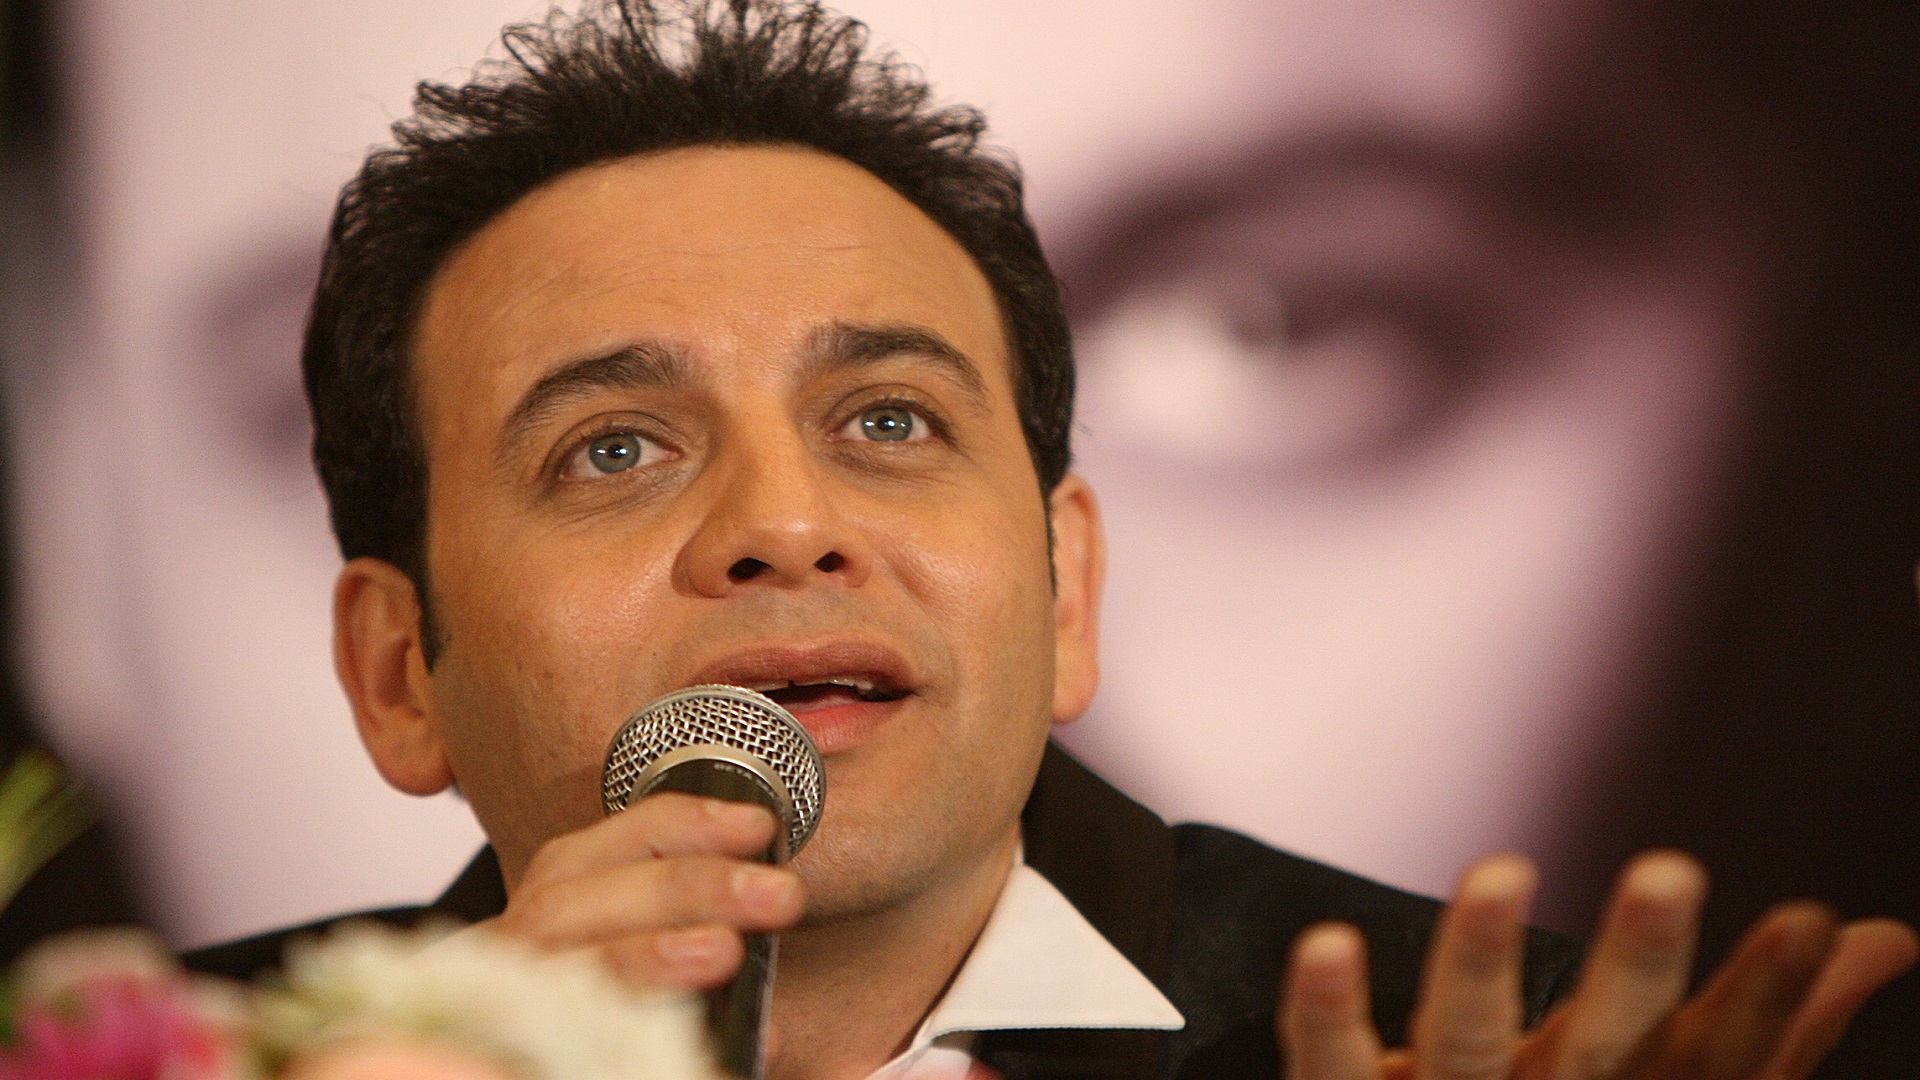 عودة مصطفى قمر للغناء ملك البوب العربي